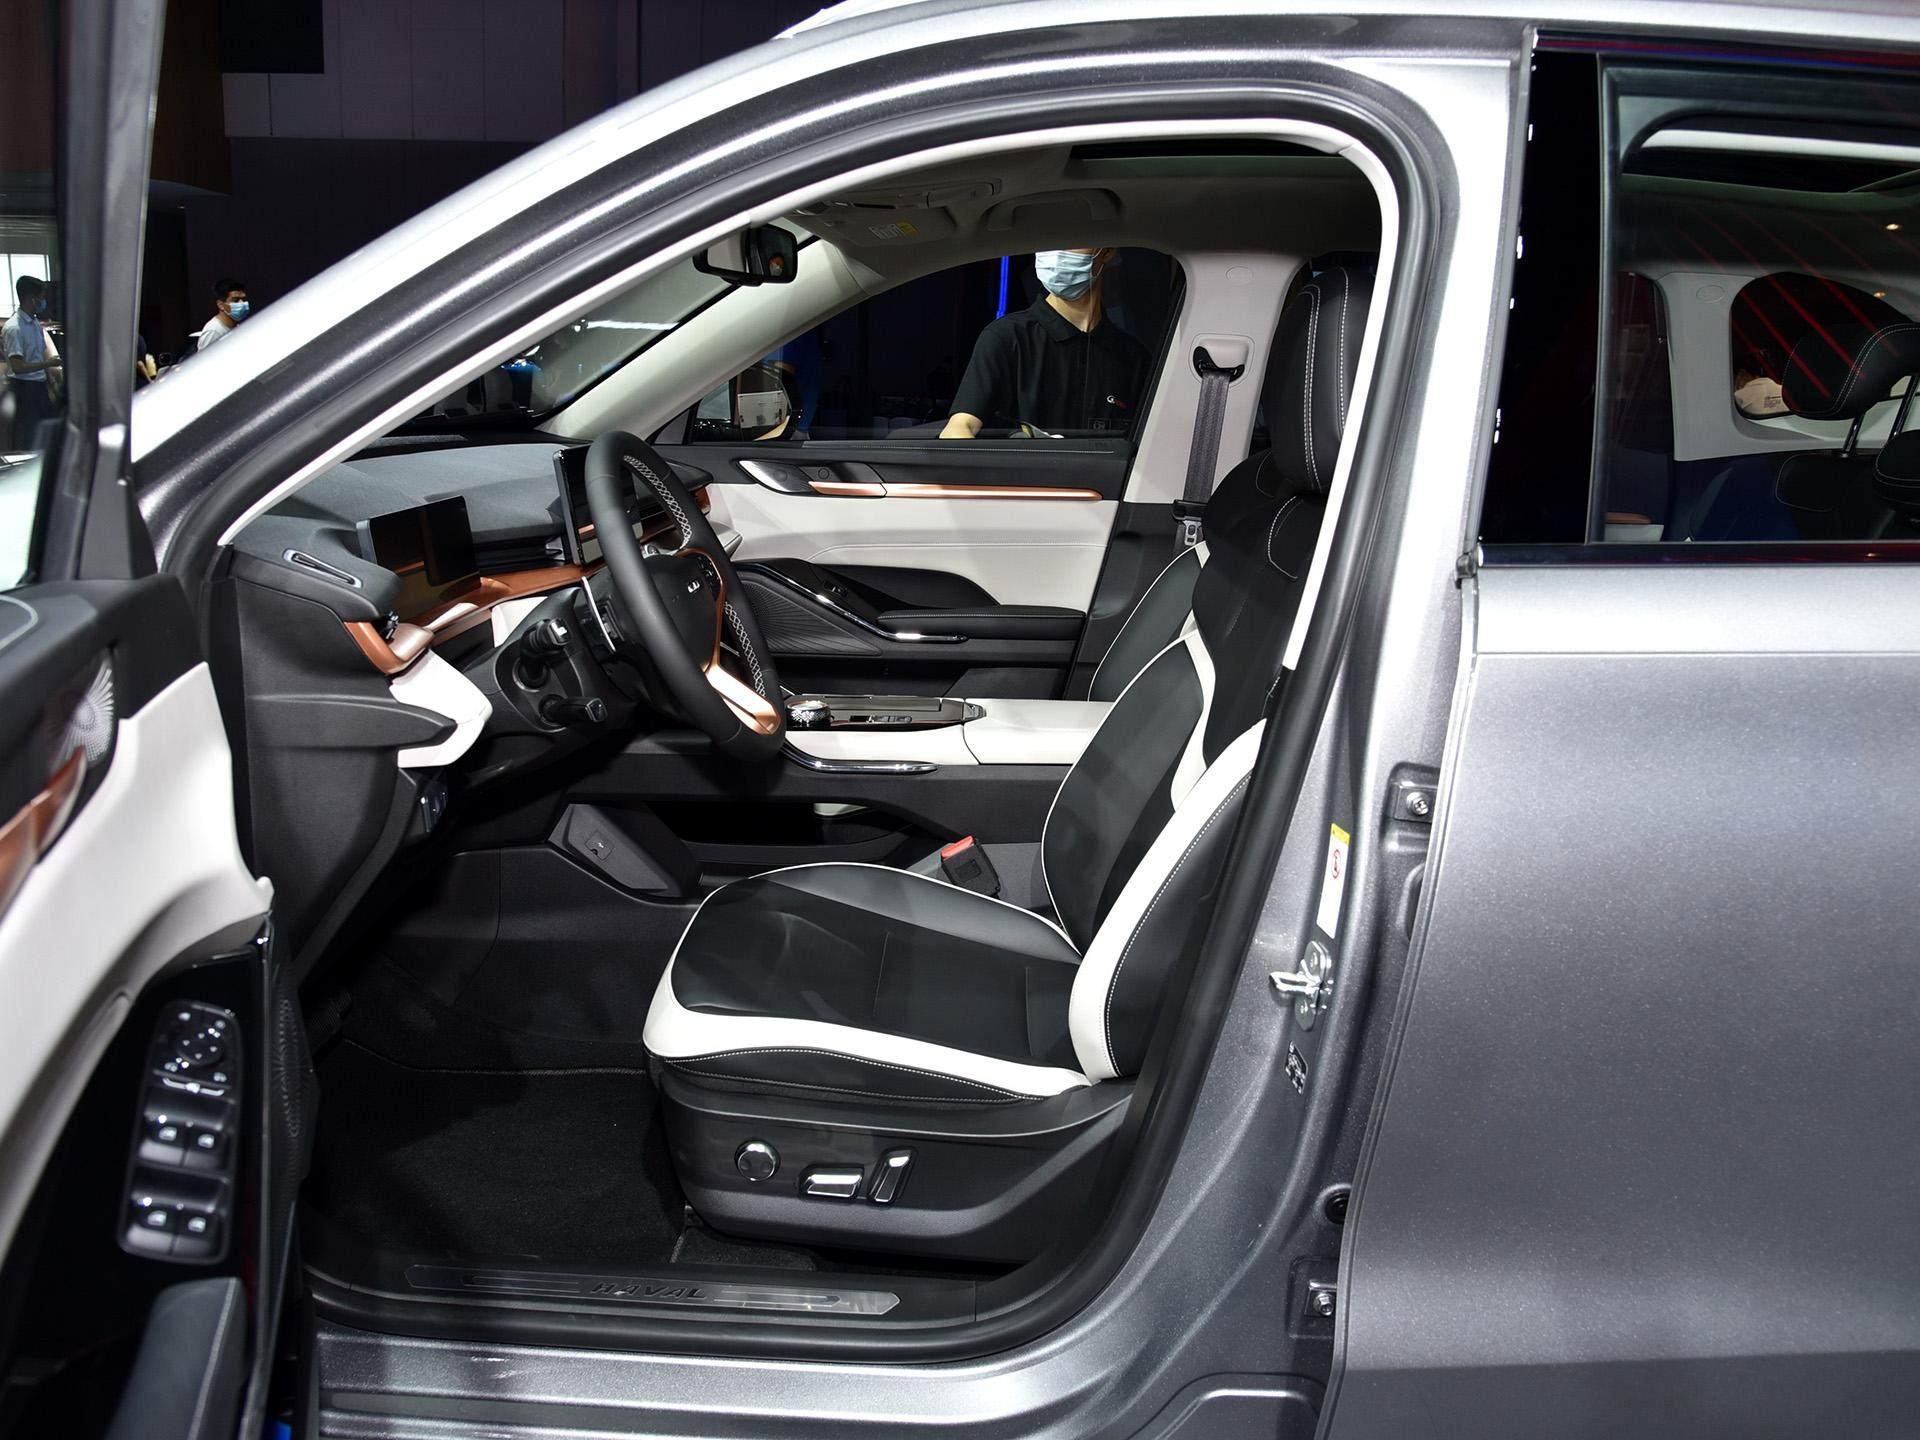 面面俱到才是實力, 13.5萬入手新款頂配哈弗H6, 價格不貴享受超CRV-圖5